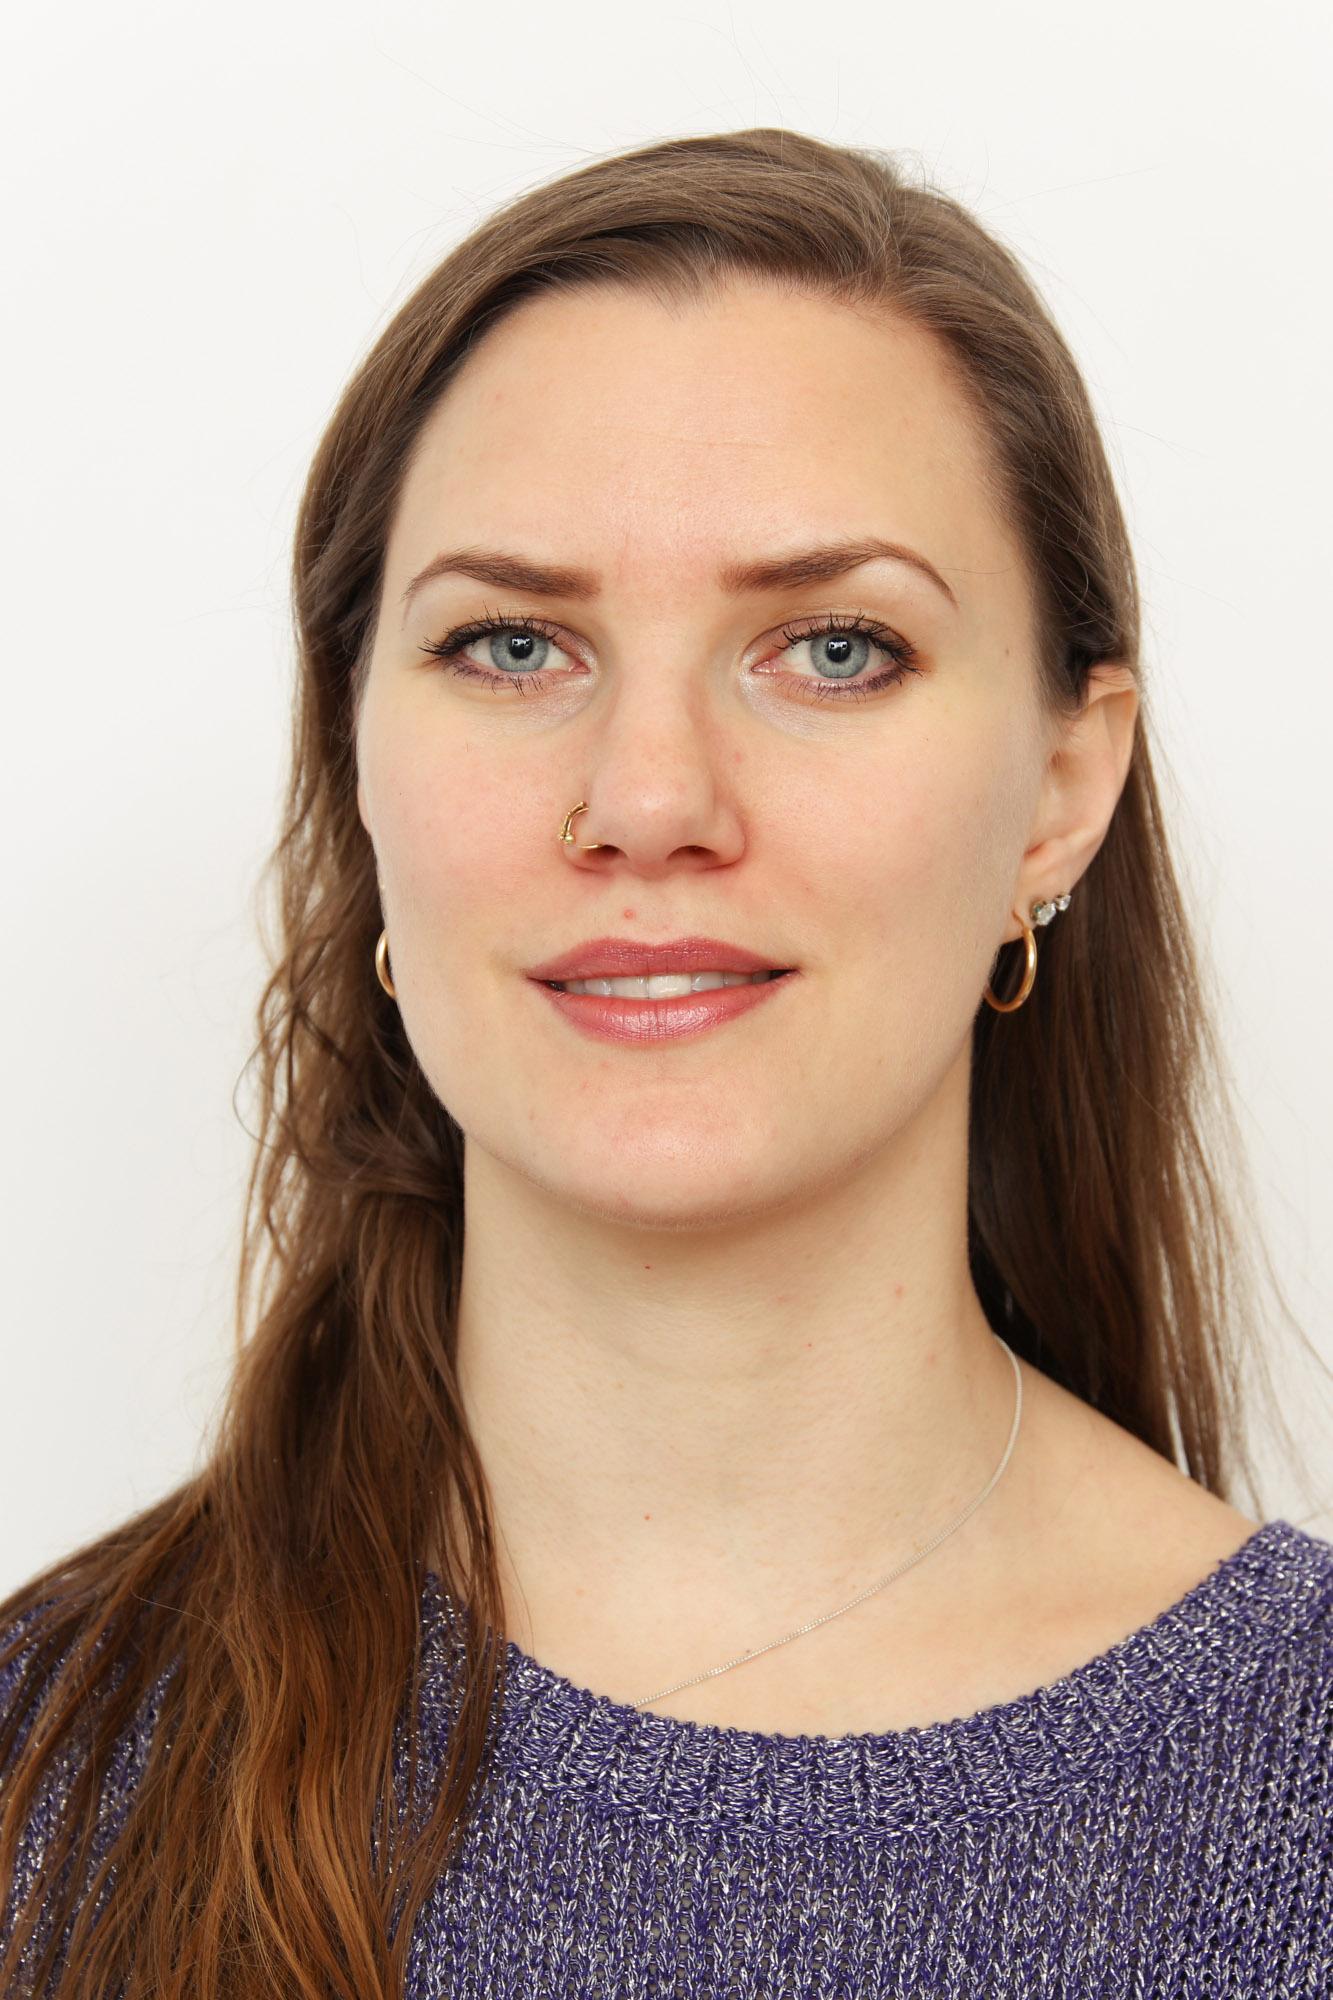 Billie Hammarberg, workshop leader and dancer. Photo: SODA Casting/Daniel Bothén